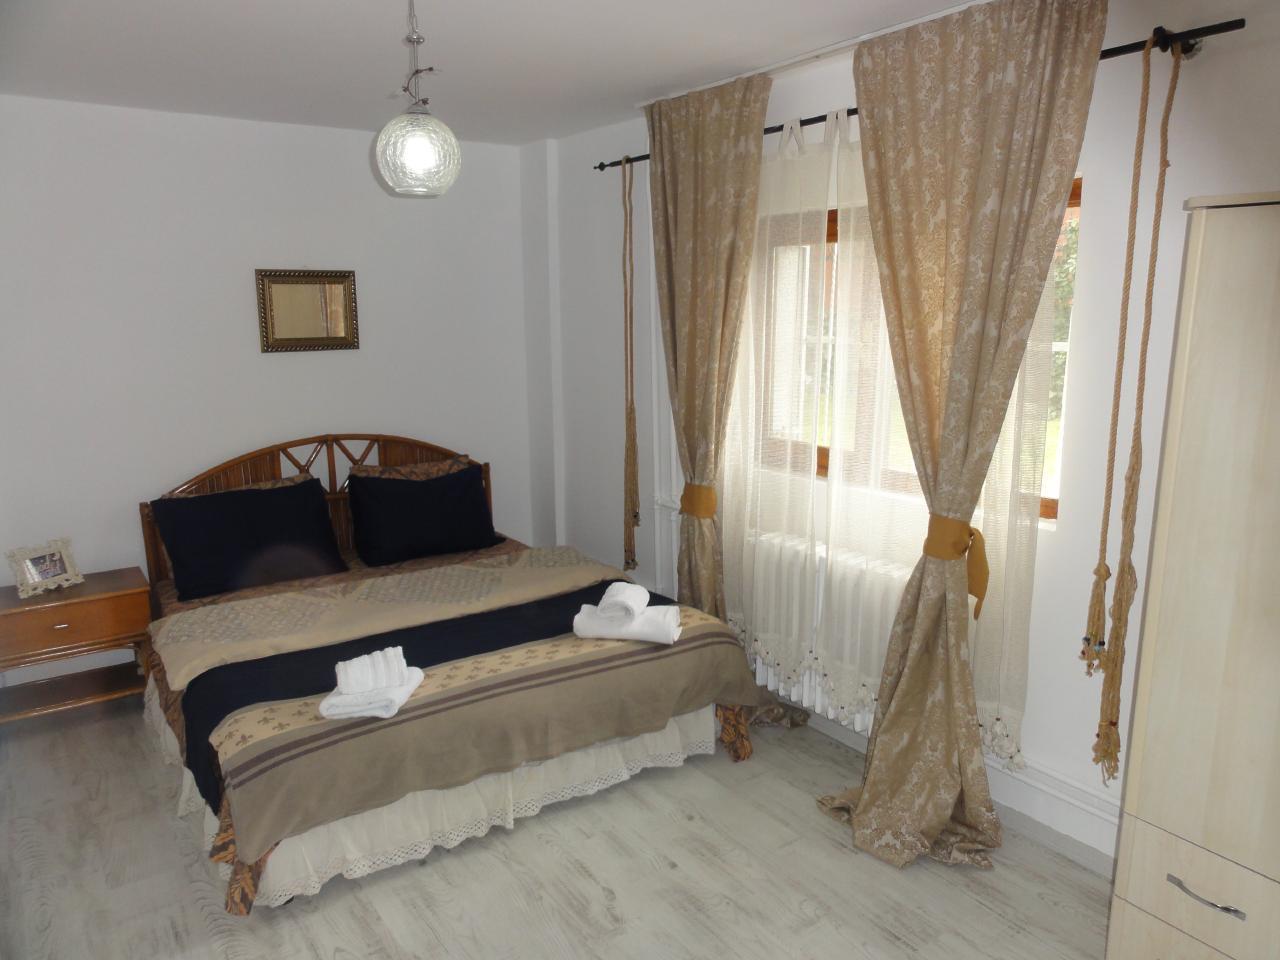 Ferienwohnung Evodak Apartment D 2 (1710501), Balgat, , Zentralanatolien, Türkei, Bild 19